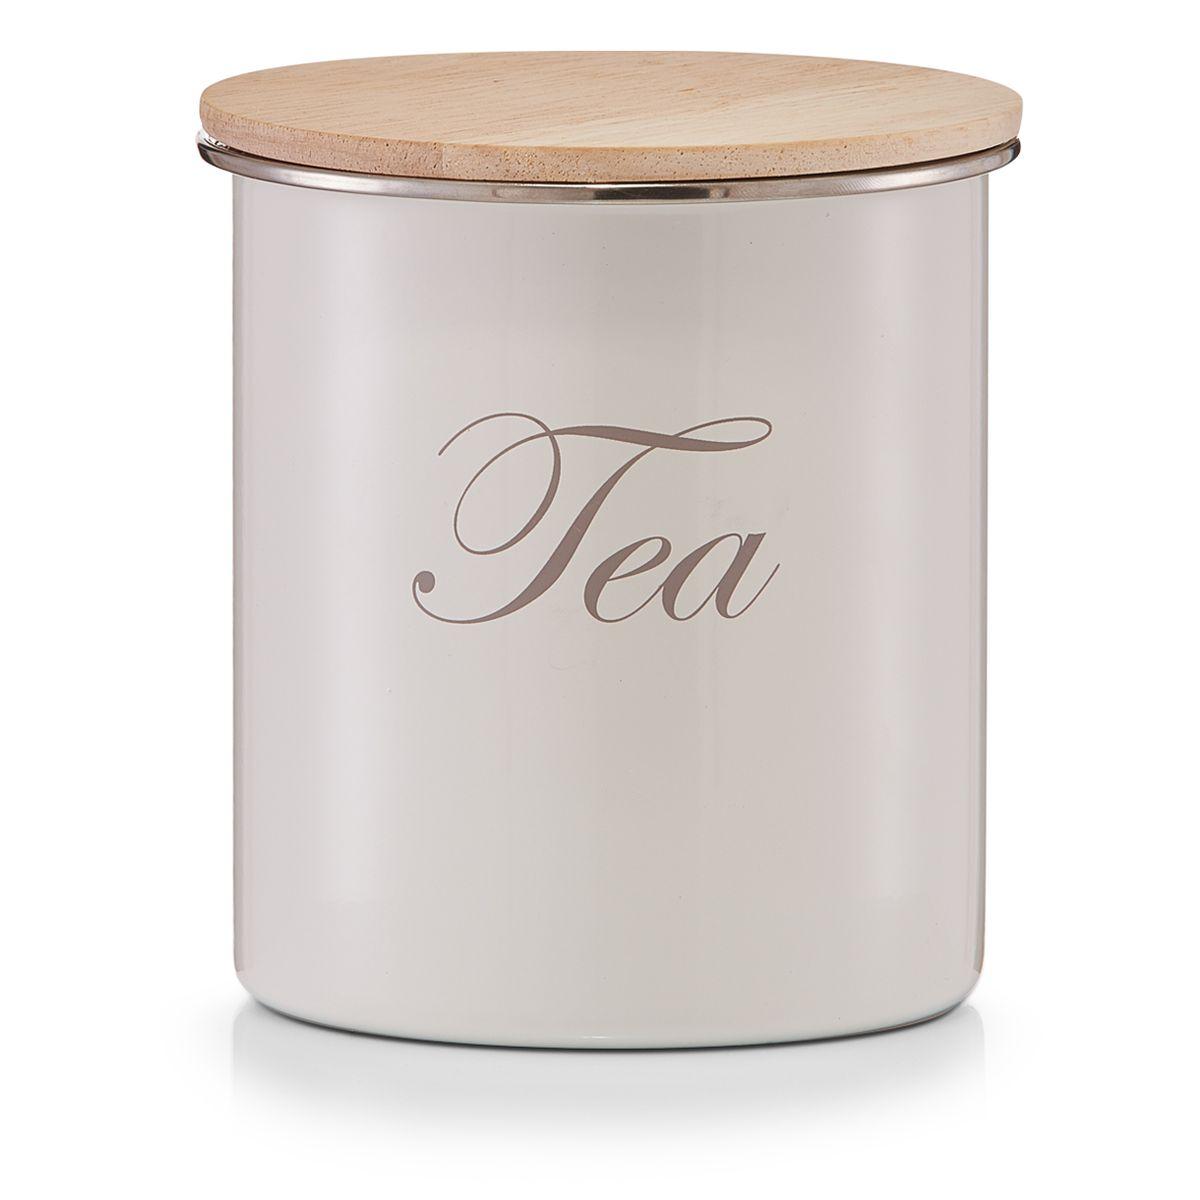 Банка для хранения Zeller Tea, 11,2 х 11,2 х 12,5 см19310Банка Zeller Tea, выполненная из металла,снабжена деревянной крышкой, которая плотно и герметичнозакрывается, дольше сохраняя аромат и свежестьсодержимого. Изделие предназначено для хранения любоговида чая. Стильная и практичная, такая банка станетнезаменимым аксессуаром на любой кухне.